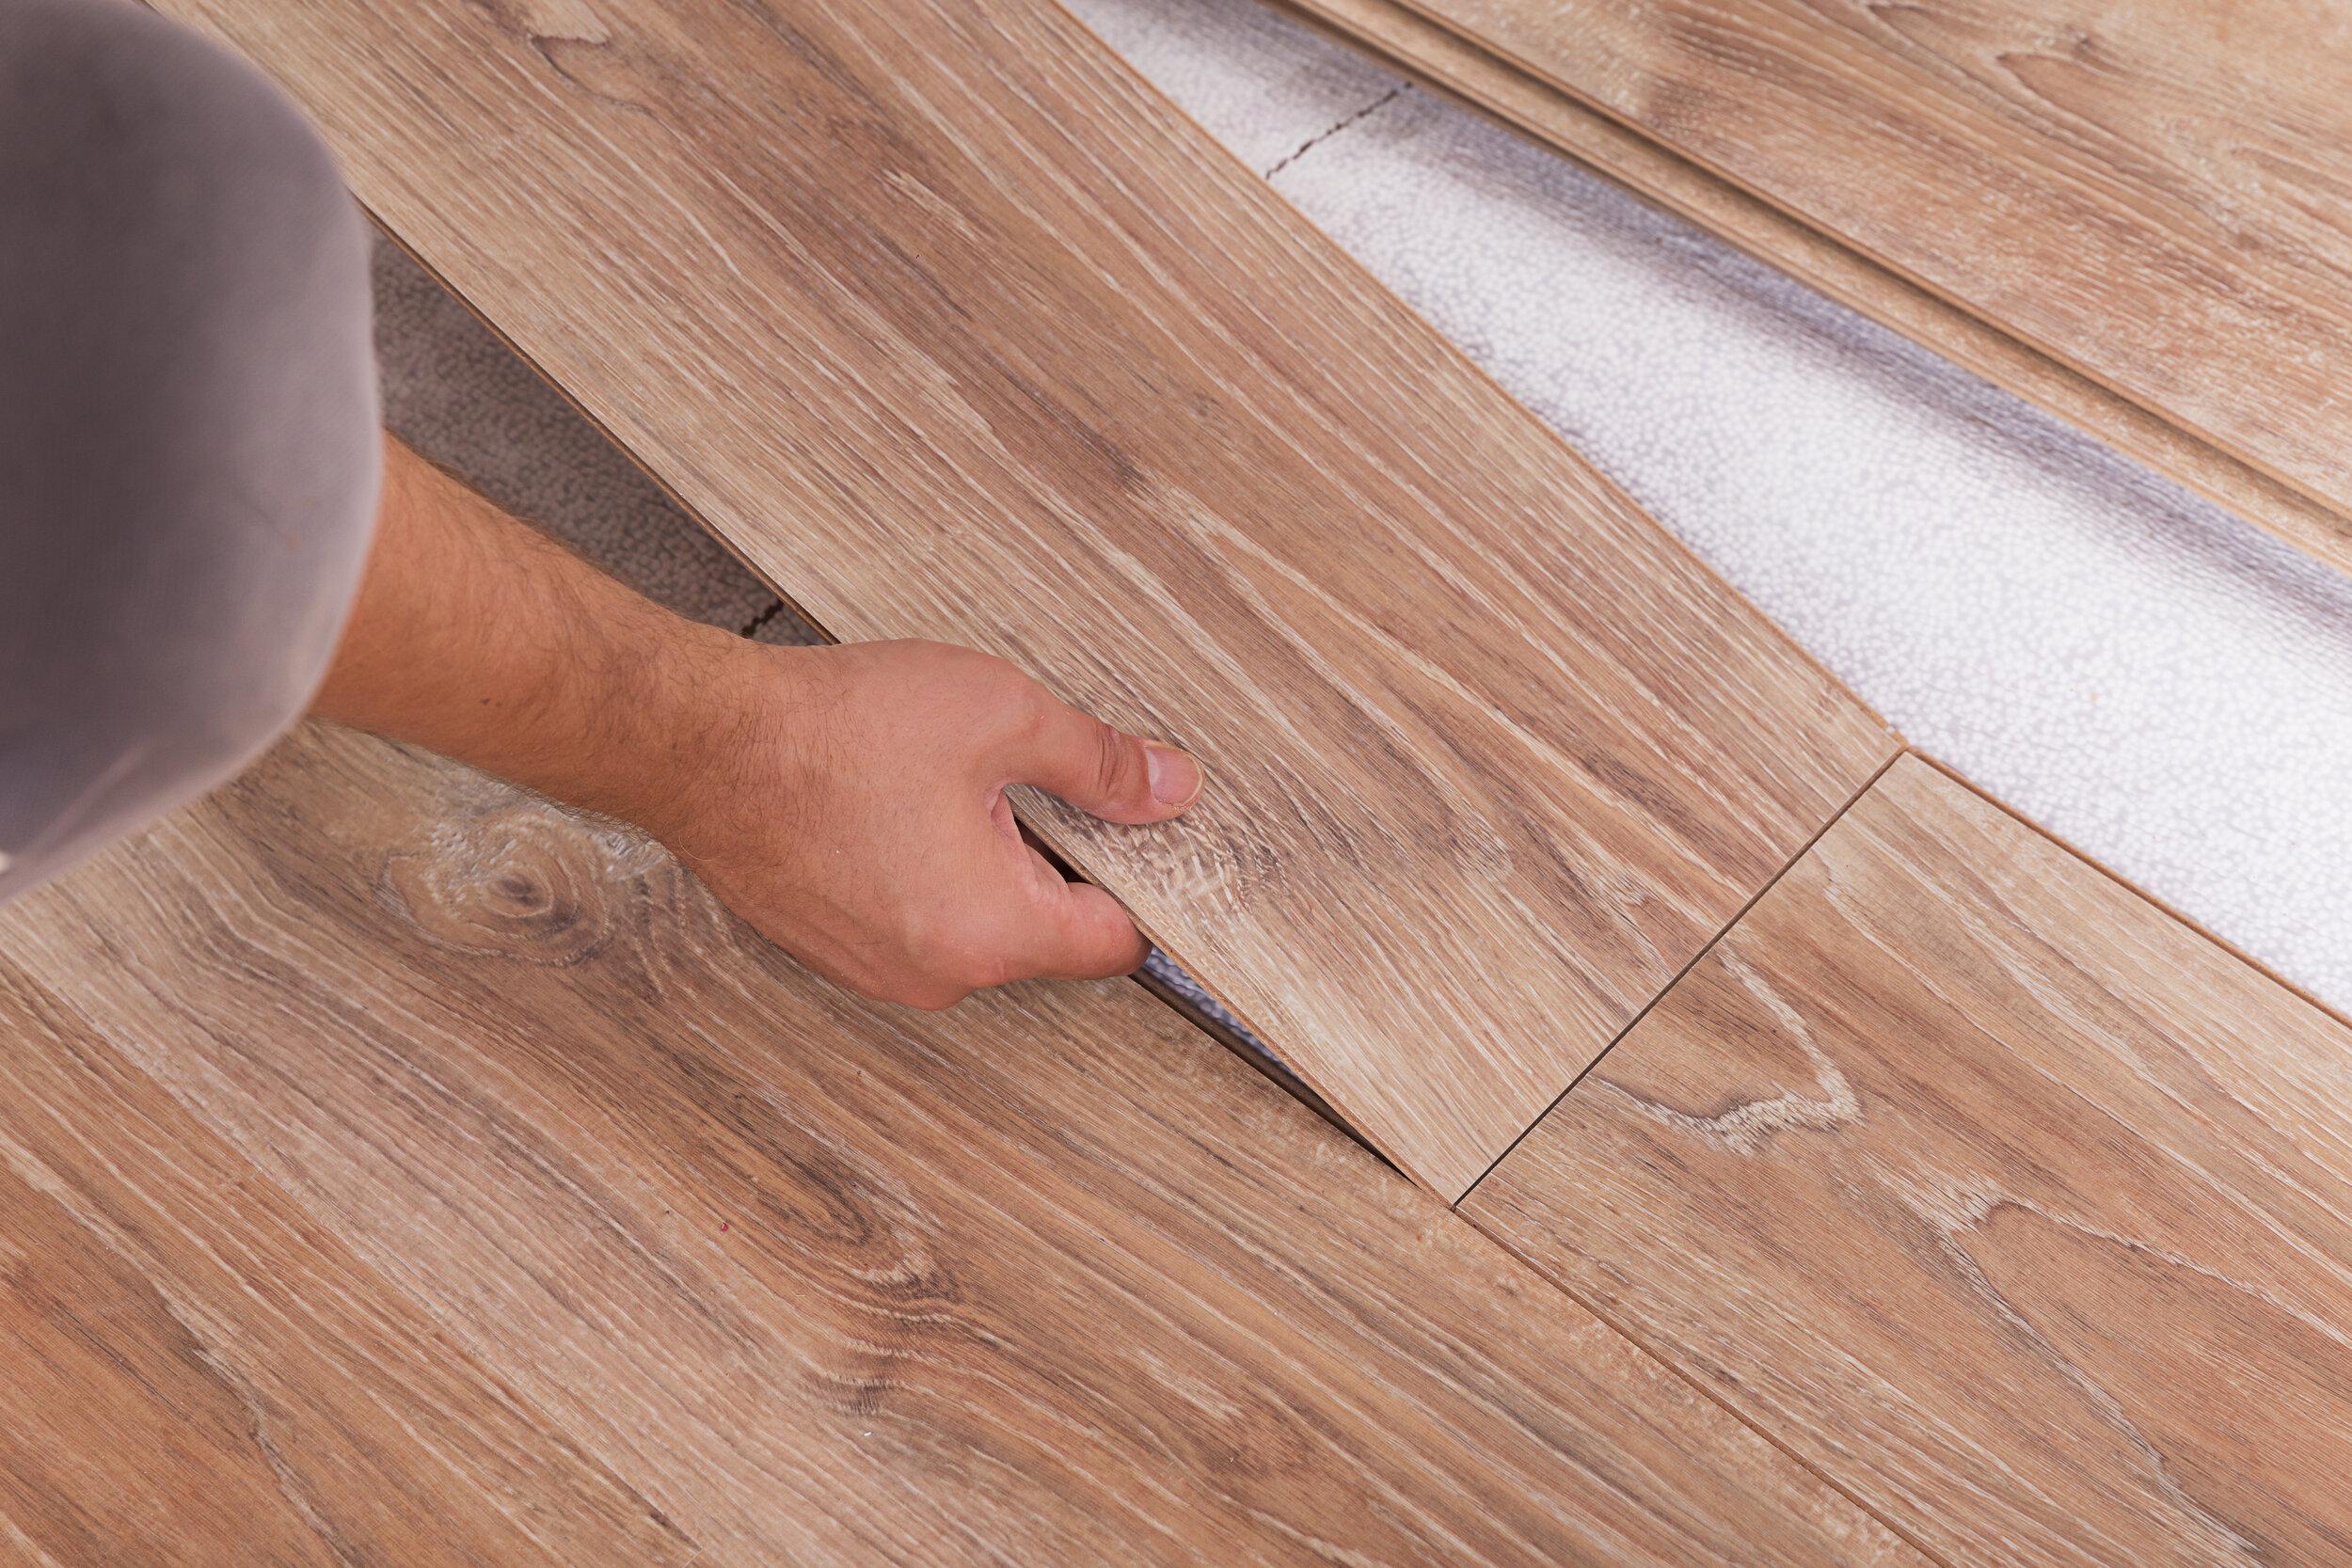 Waterproof Laminate Flooring, Vinyl Plank Flooring Basement Reddit